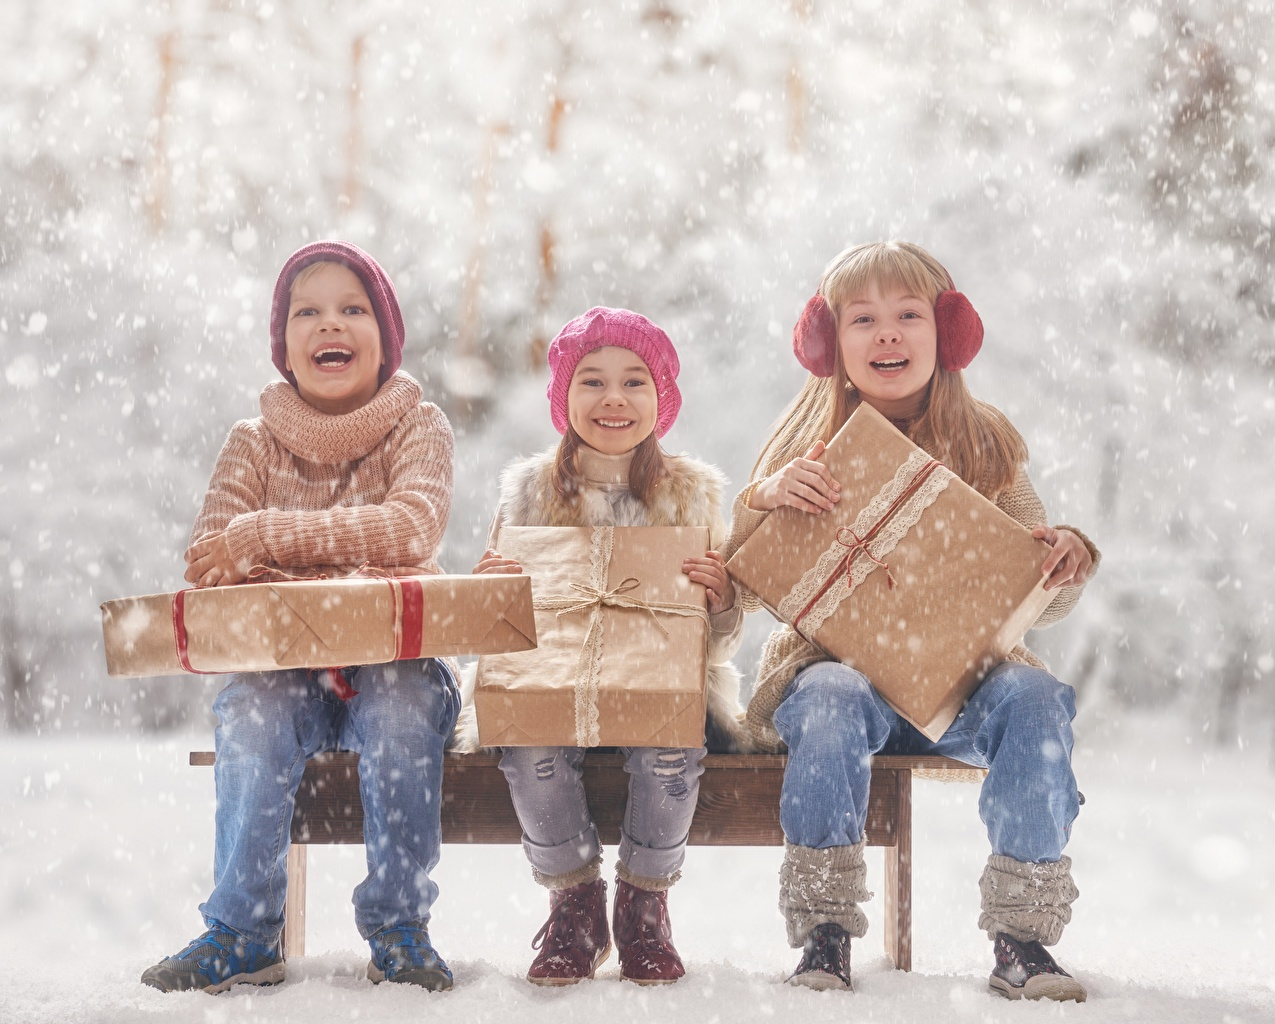 Фотографии девочка Мальчики счастливый Дети подарок Сидит втроем Девочки мальчик мальчишки мальчишка Радость счастье радостная радостный счастливые счастливая Ребёнок Подарки подарков три сидя Трое 3 сидящие